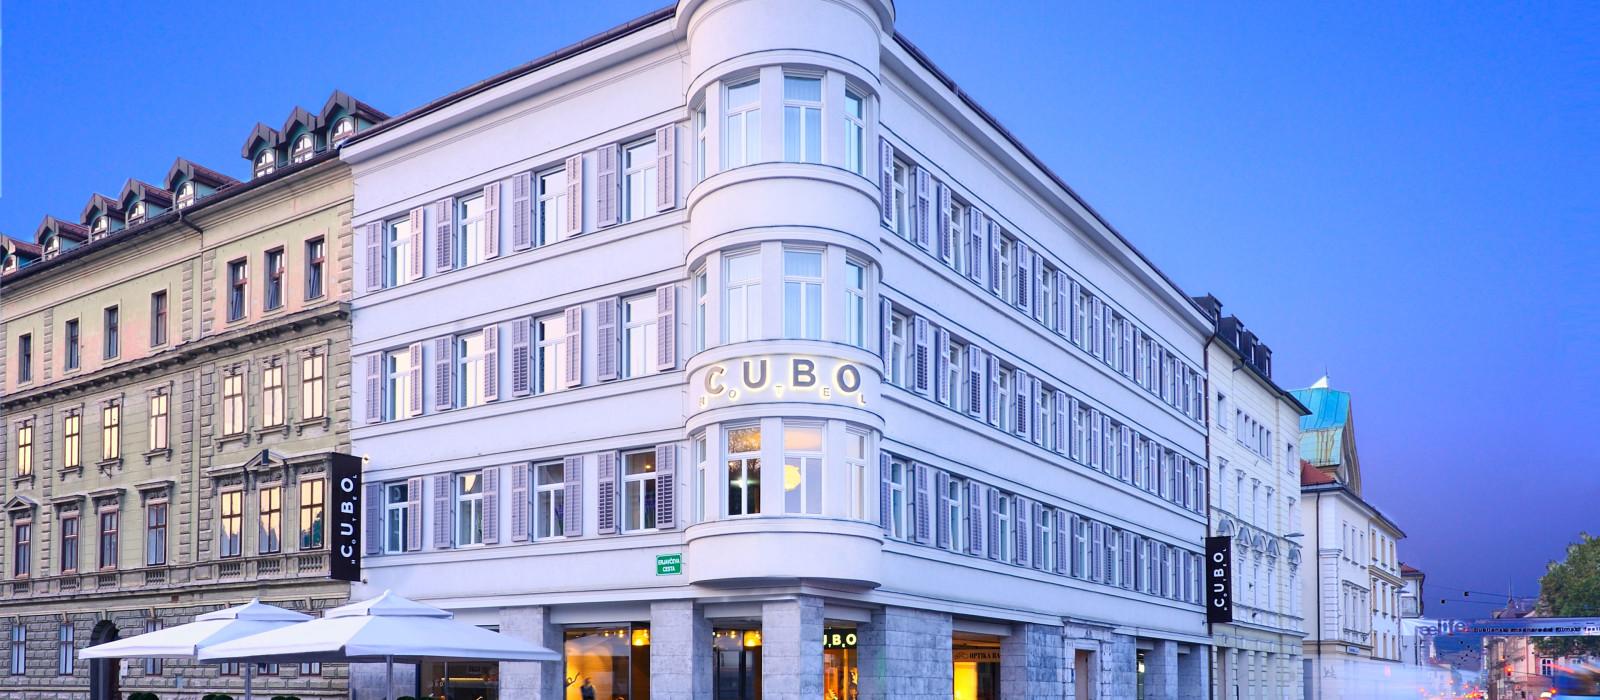 Hotel  Cubo Croatia & Slovenia